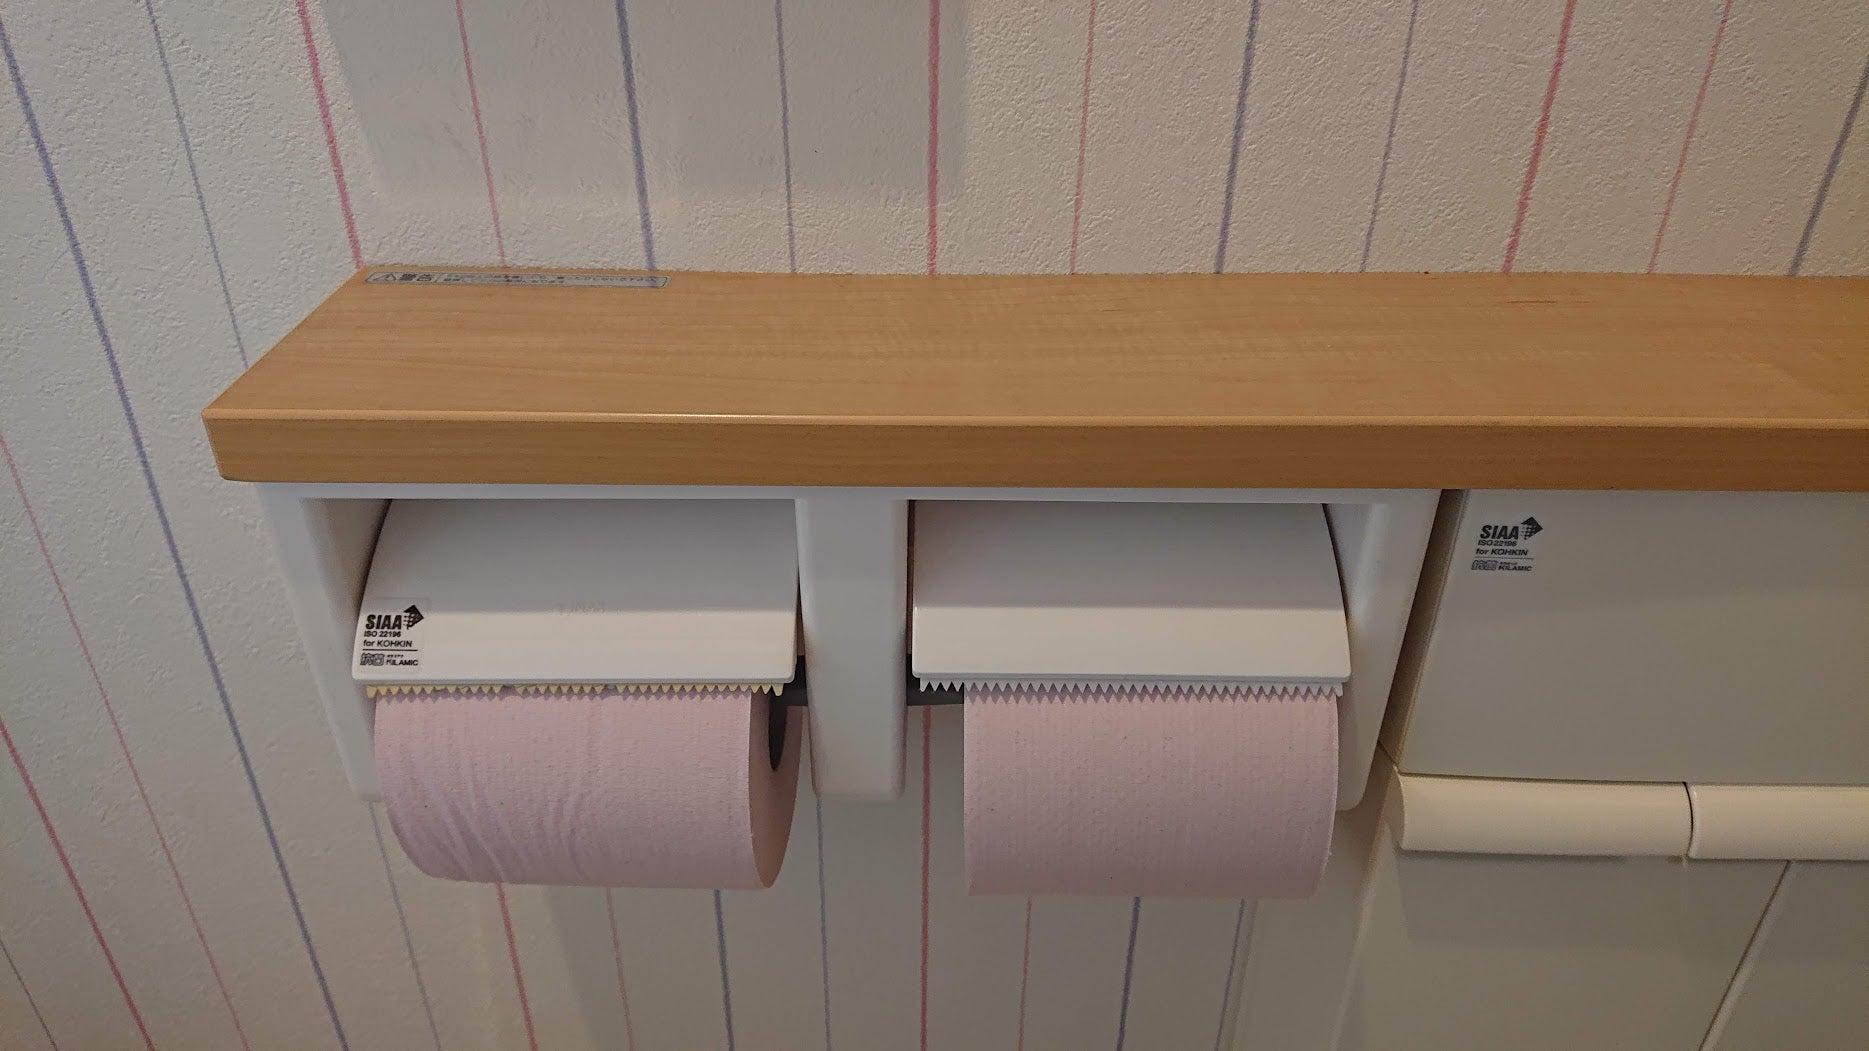 紙巻器カッター交換 トイレプチ修繕